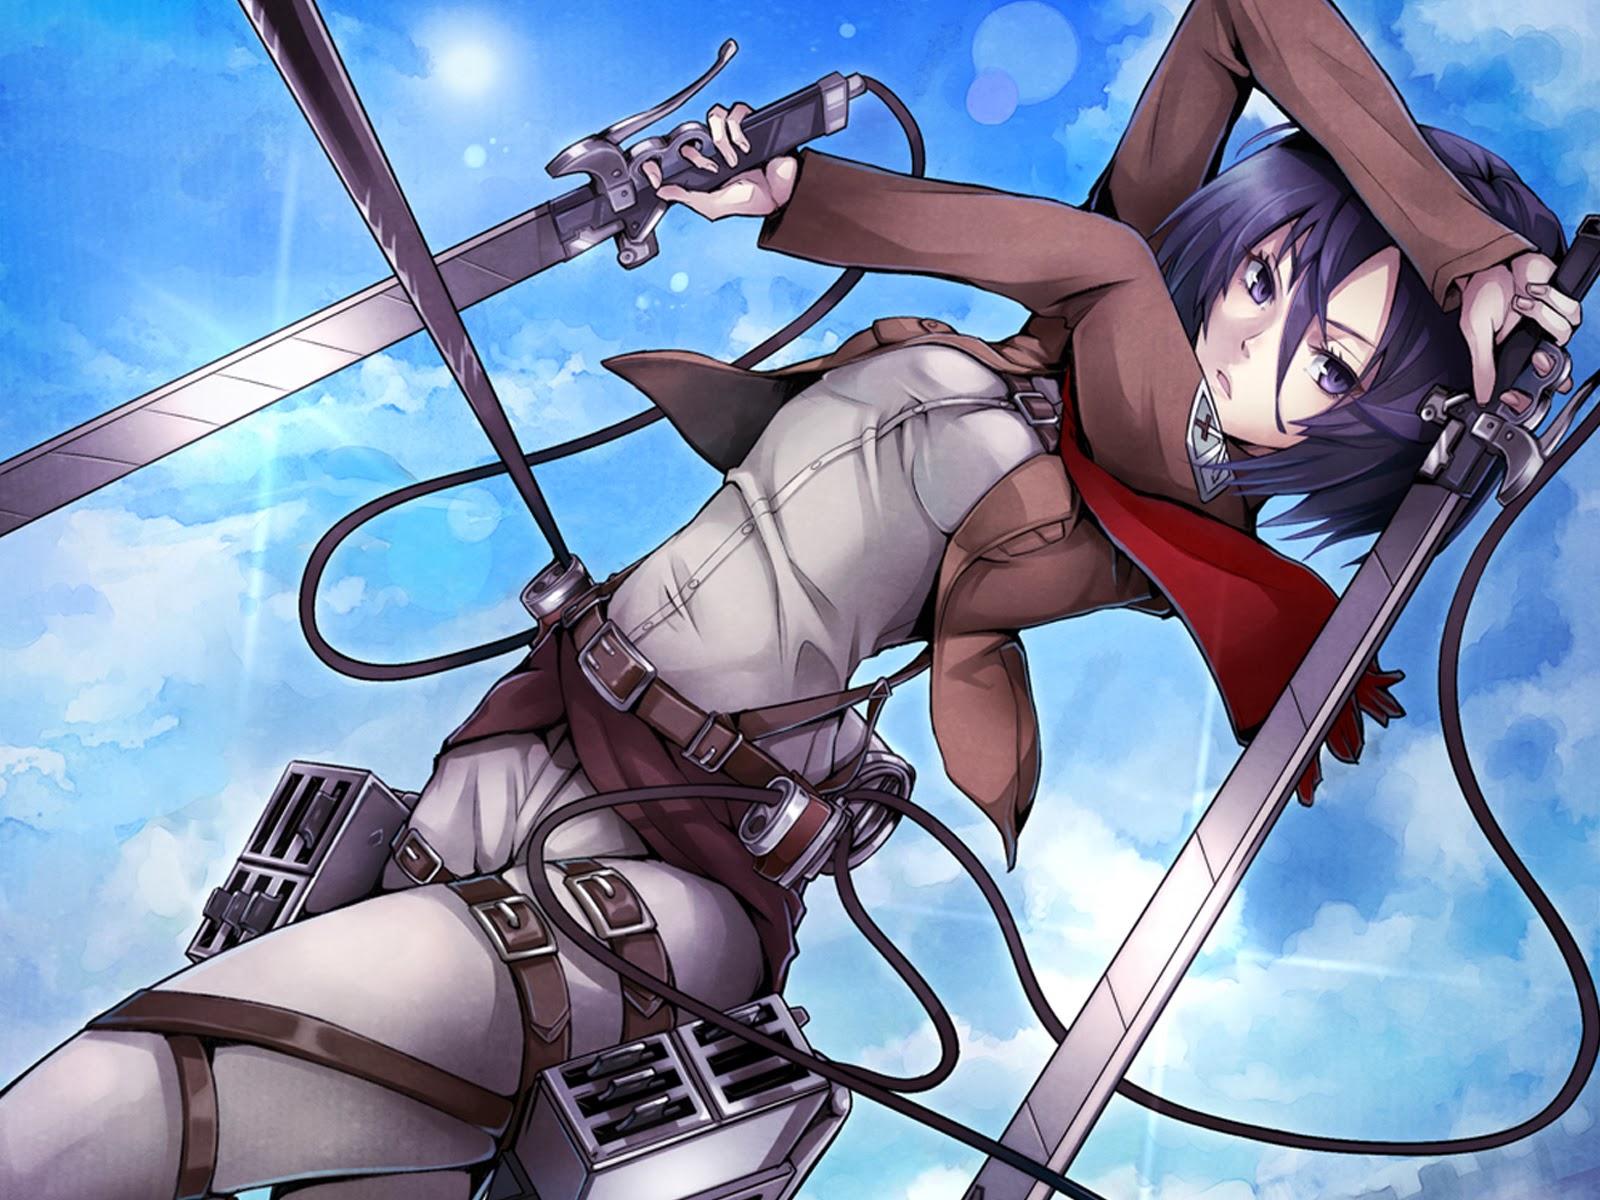 Attack on Titan Mikasa Anime Picture 74 HD Wallpaper 1600x1200